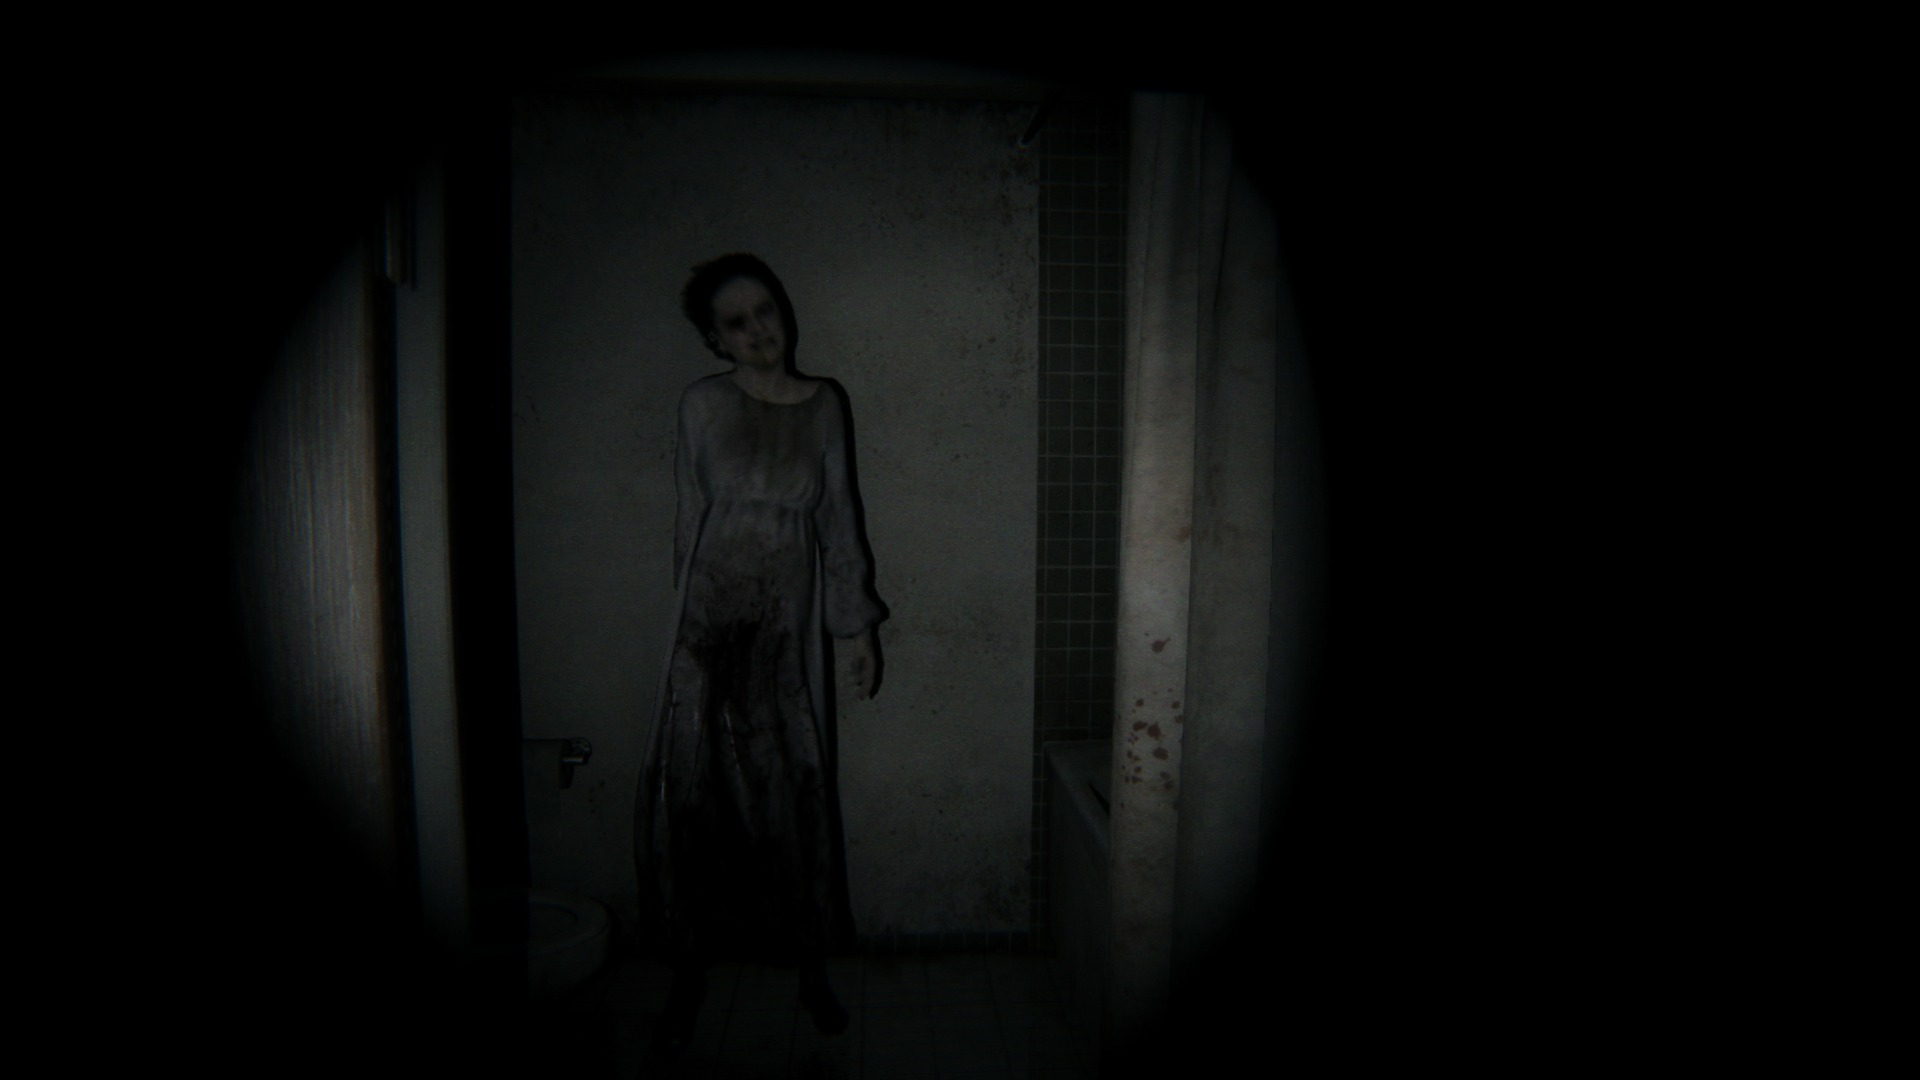 Silent Hill continuerà ad essere sviluppato